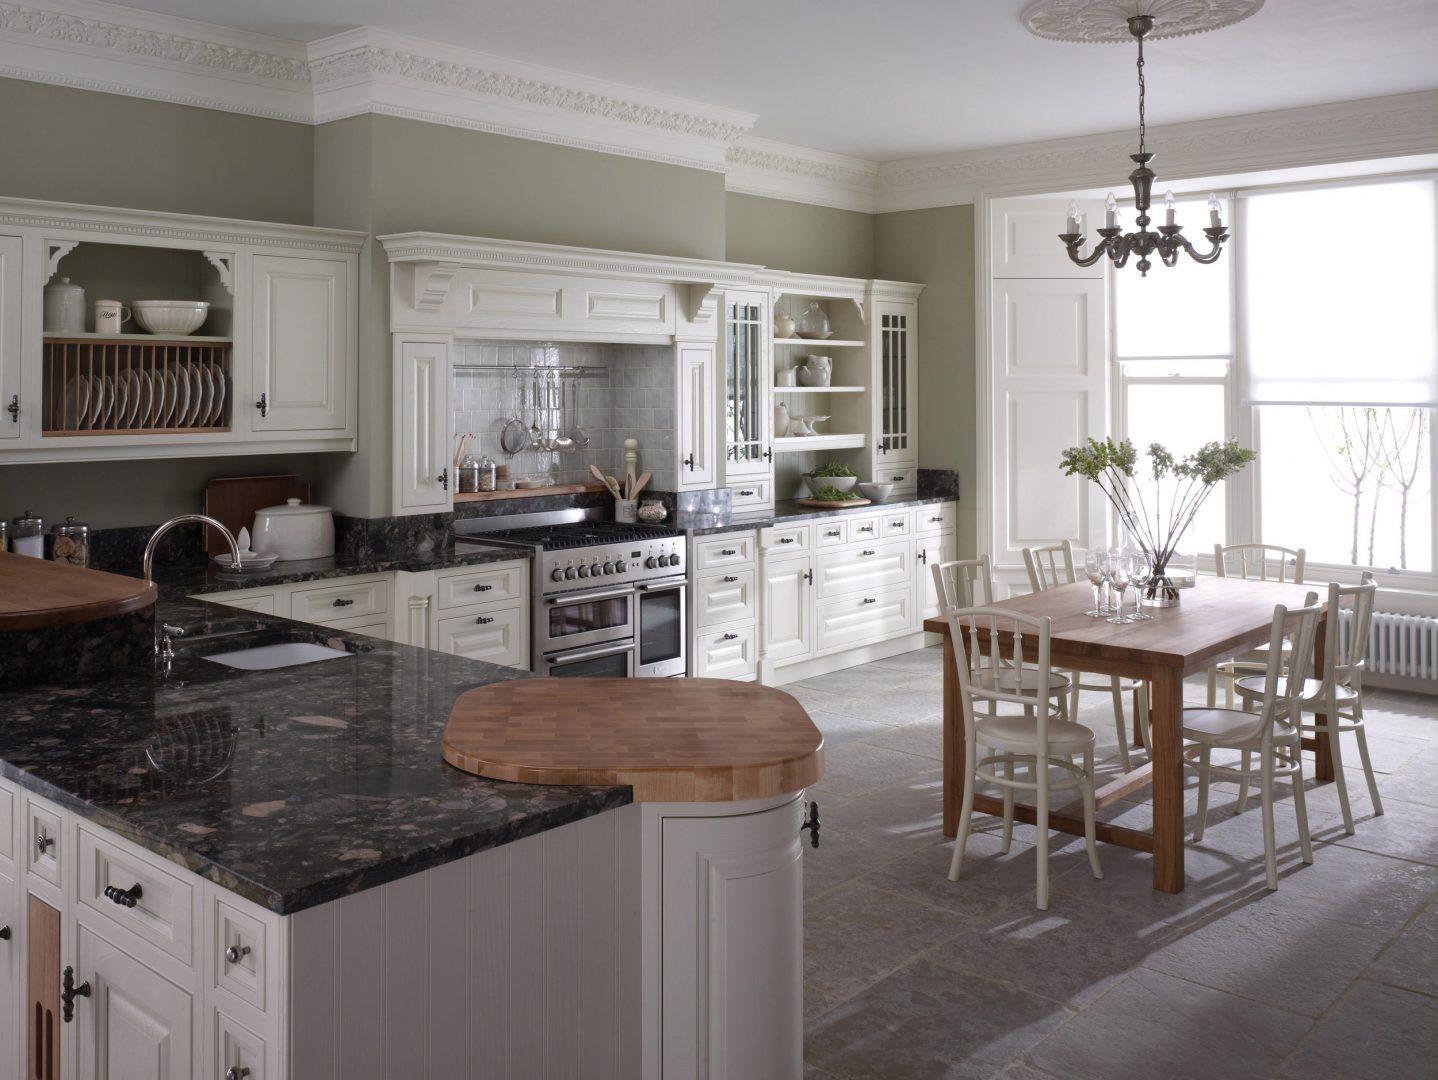 de cocinas . Consejos prácticos sobre muebles de cocina y accesorios #695B4F 1438 1080